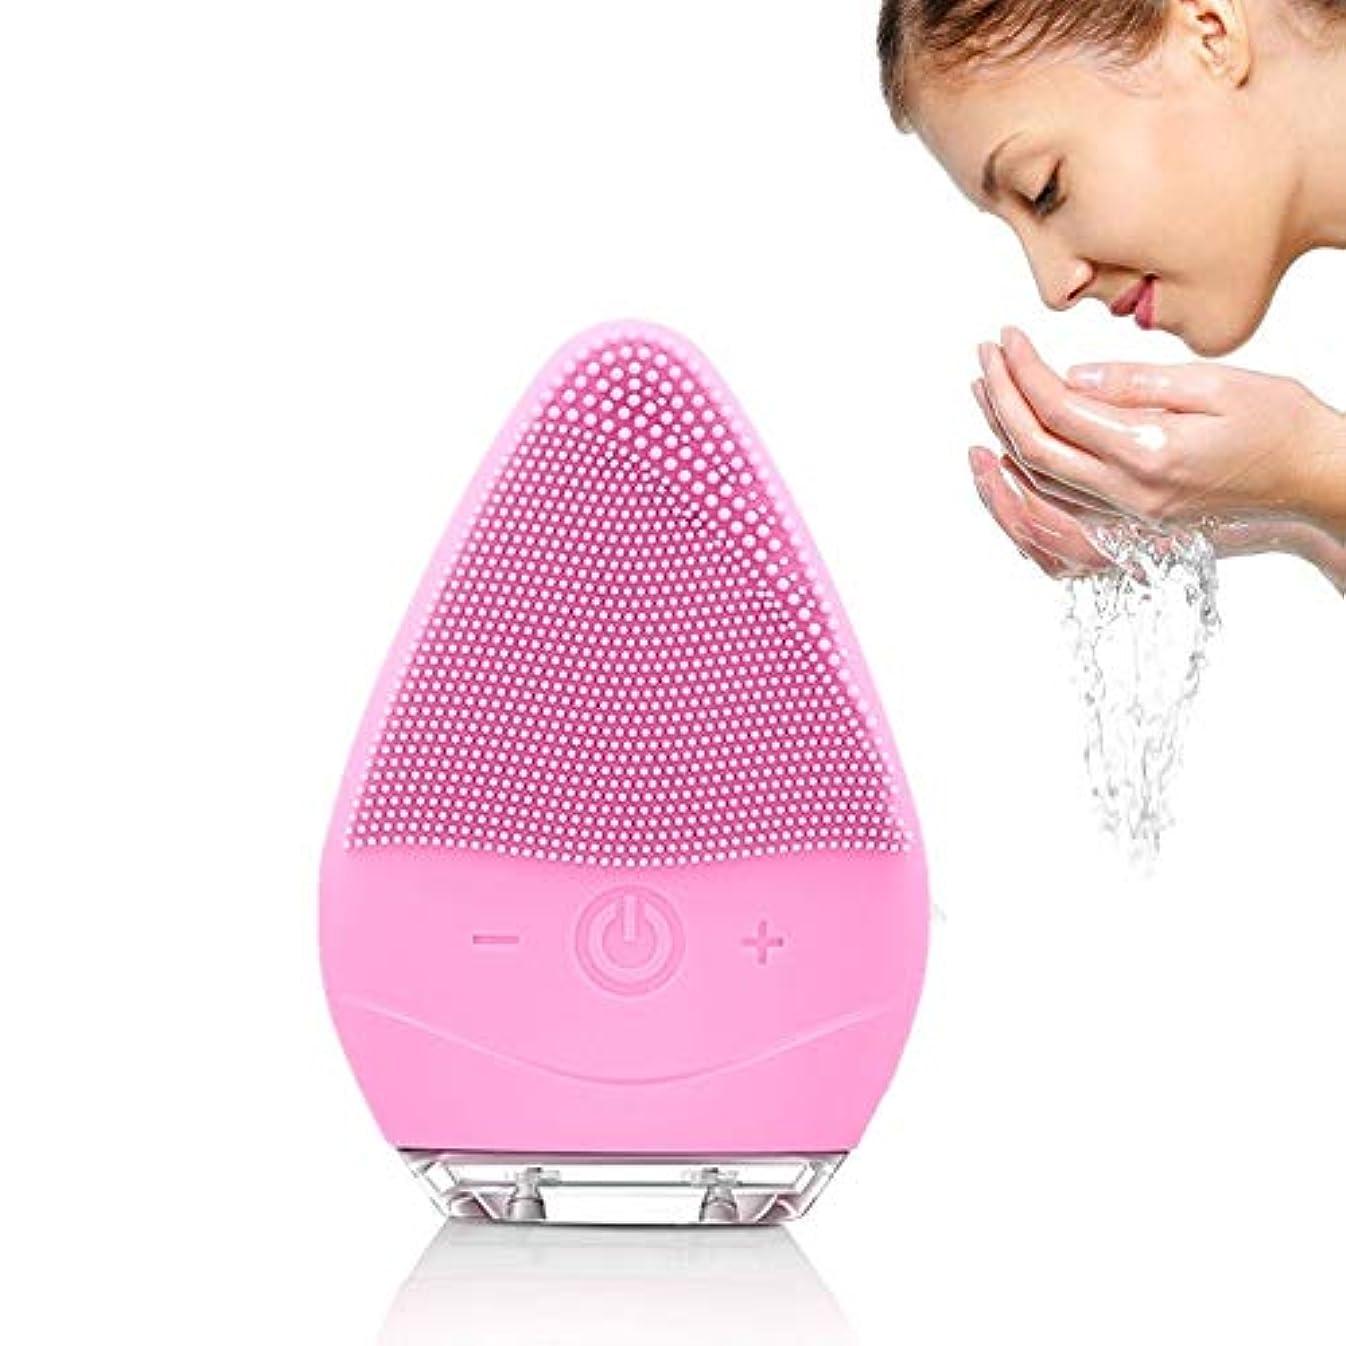 可塑性要件比率フェイスクレンジングブラシ防水シリコンフェイシャルブラシエレクトリックフェイスVībratingマッサージャーデバイスfor Skin Clean for Level 6防水